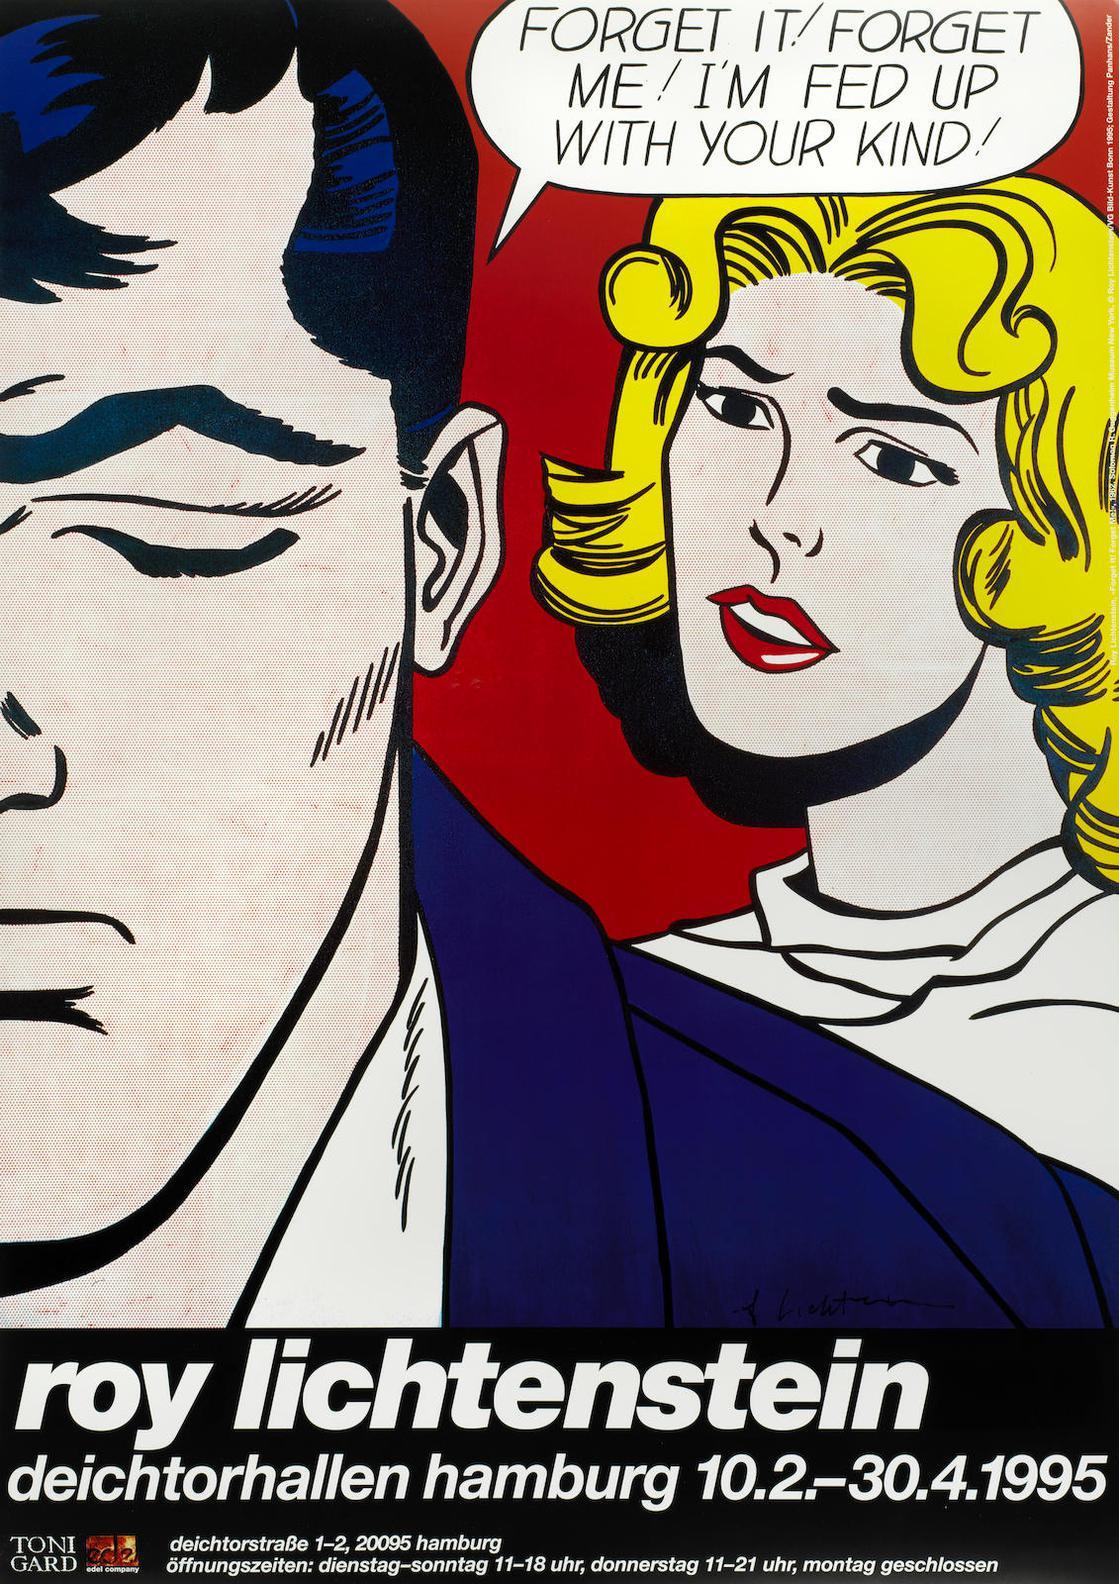 After Roy Lichtenstein - Forget It! Forget Me! Im Fed Up With Your Kind! (Exhibition Poster Deichtorhallen,Hamburg)-1995